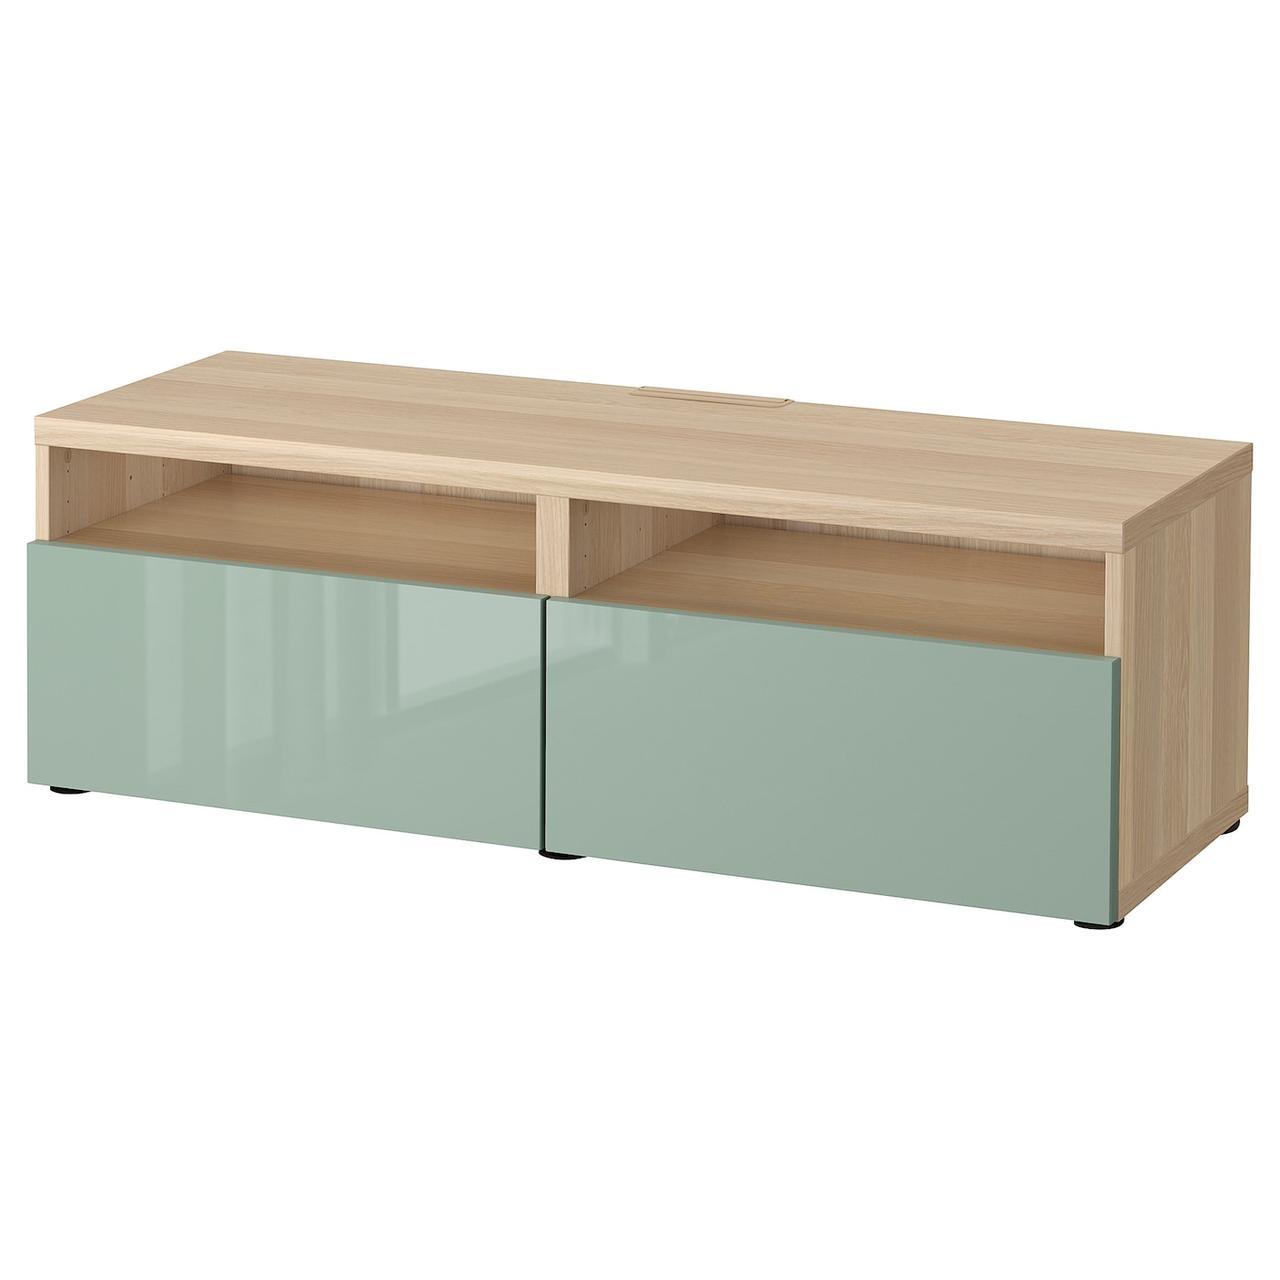 IKEA BESTA Тумба под телевизор 120x42x39 см (493.244.42), фото 1